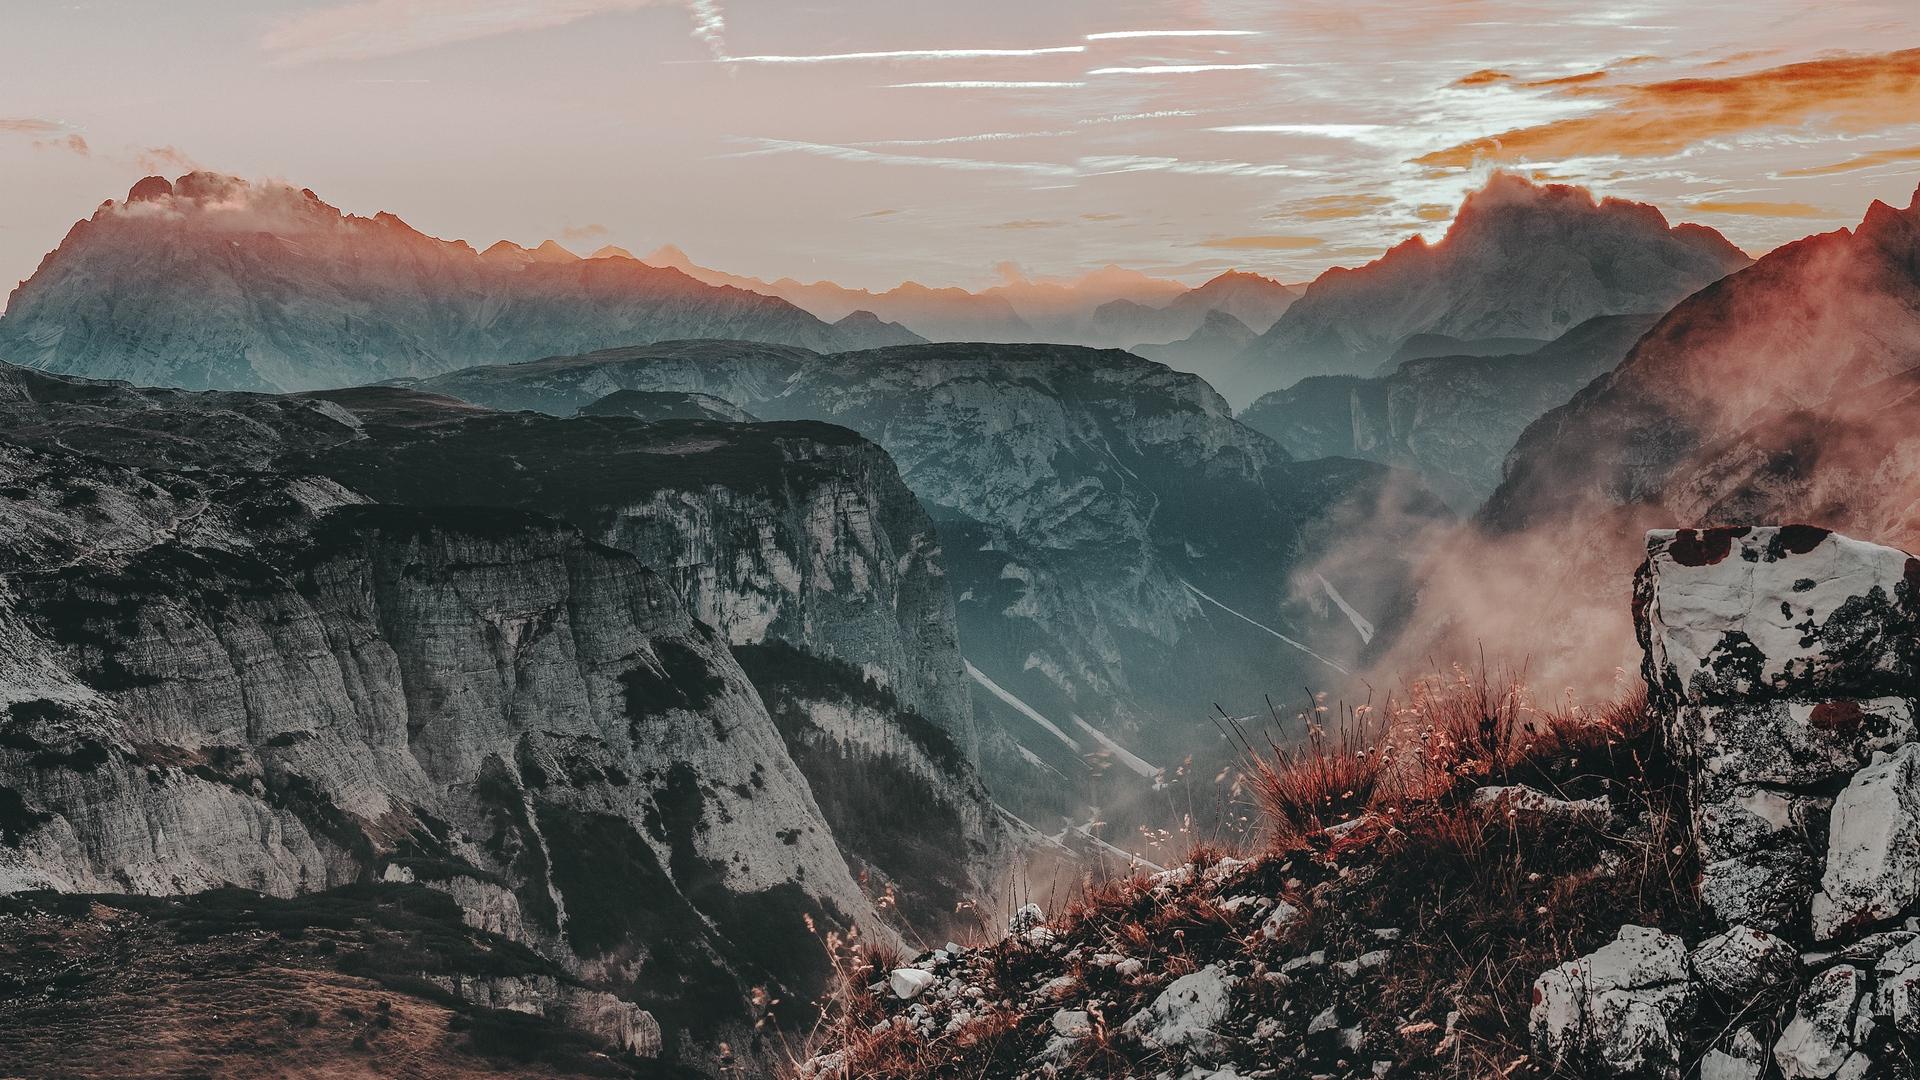 nature mist mountains